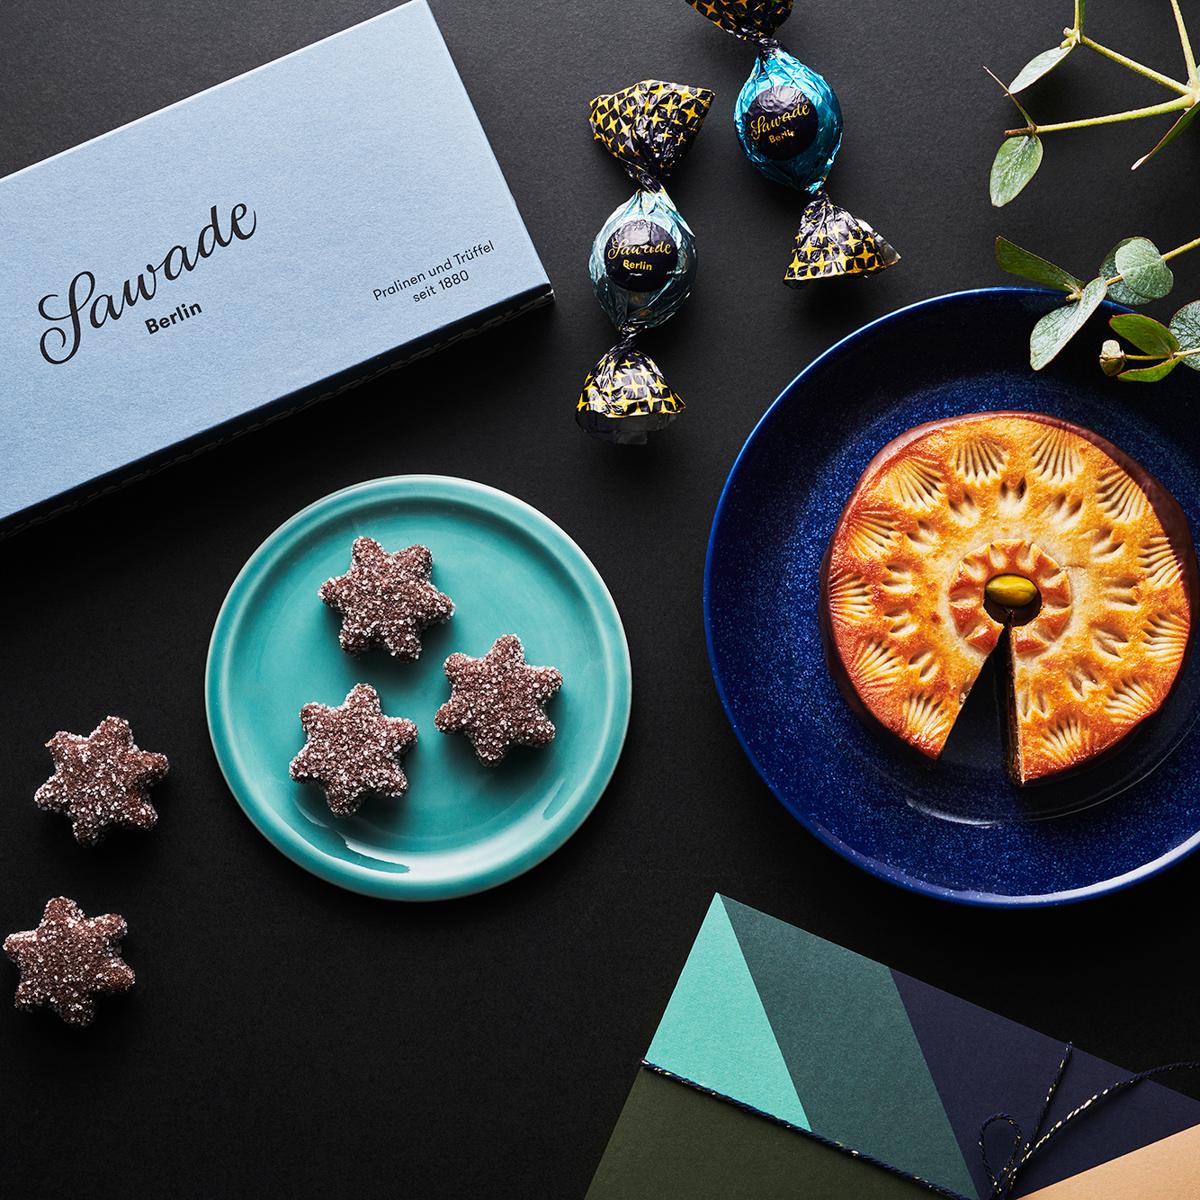 Sawade Onlineshop Weihnachtspastete